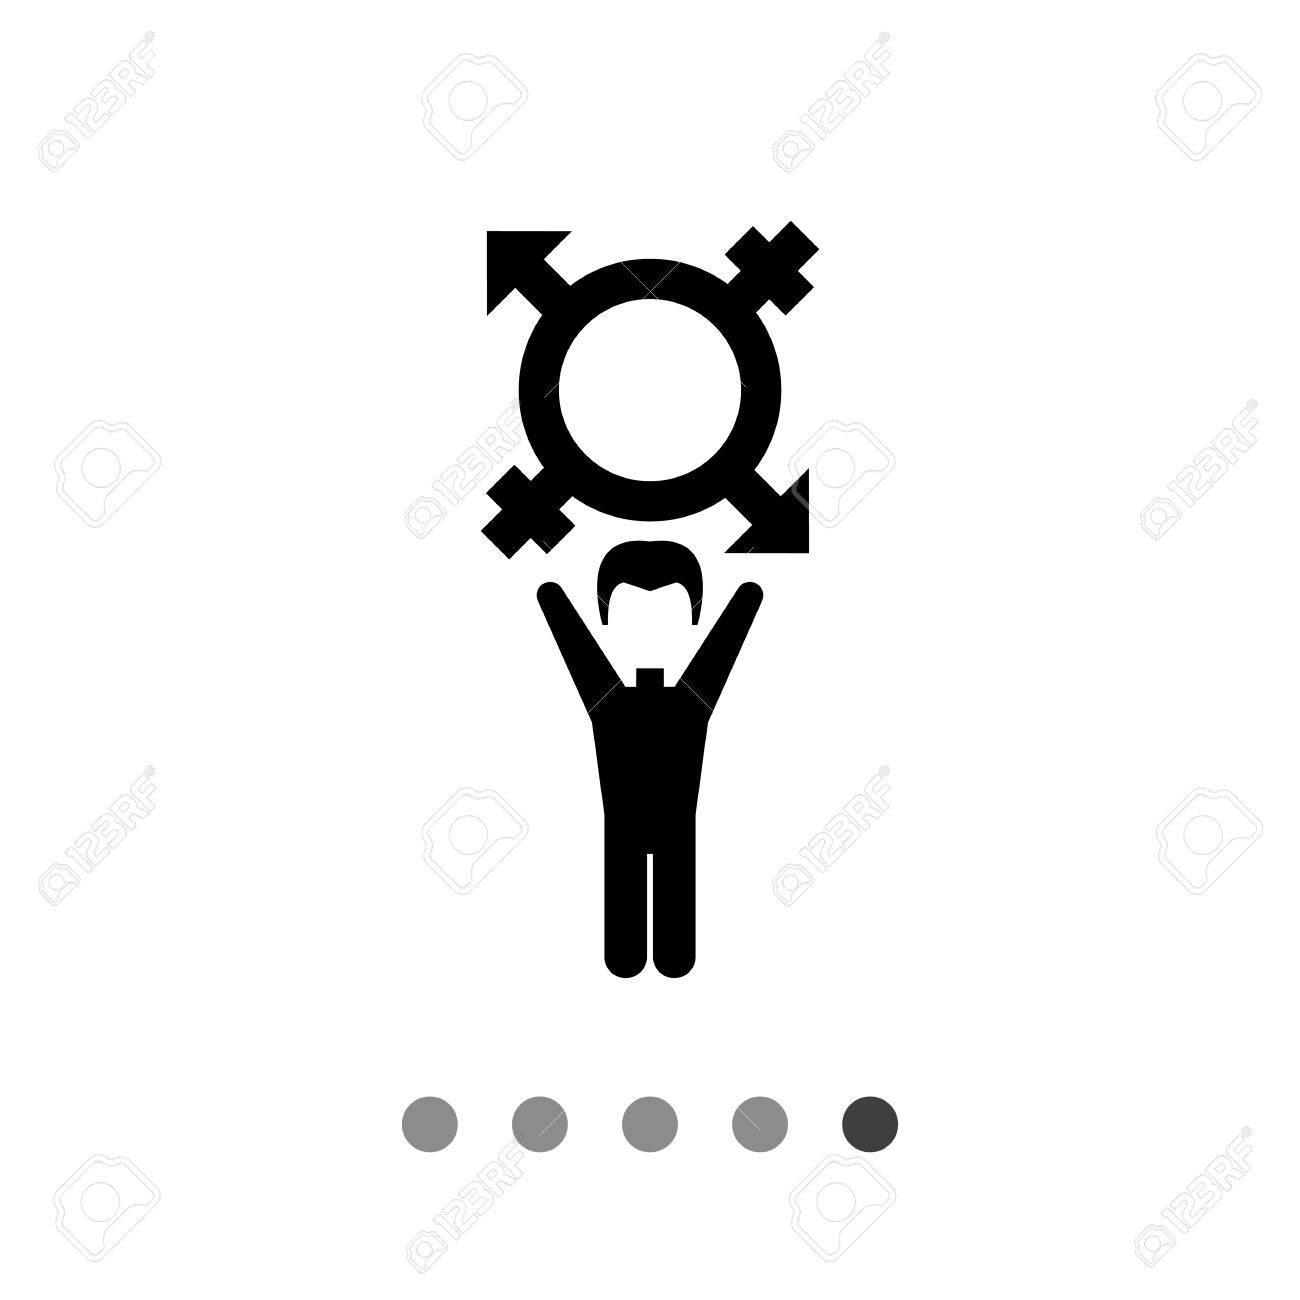 als transgender herauskommen